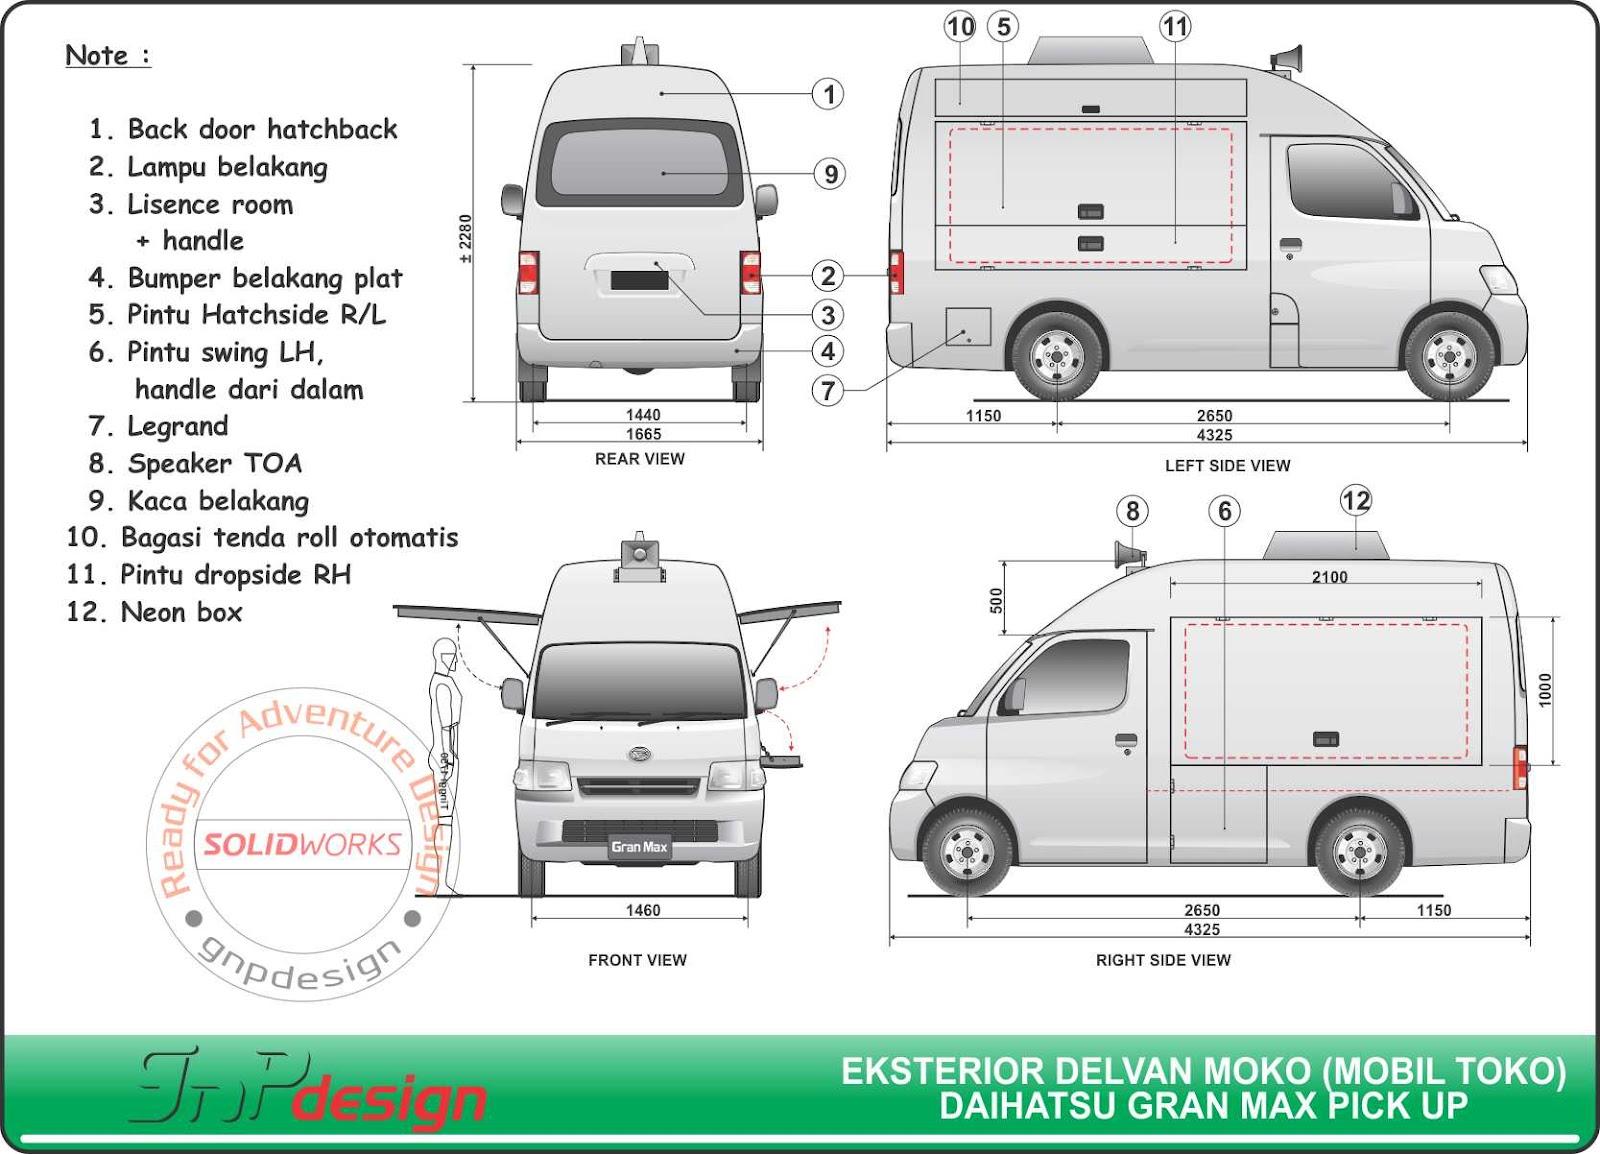 Gnp Design  Moko  Mobil Toko    Warling  Warung Keliling